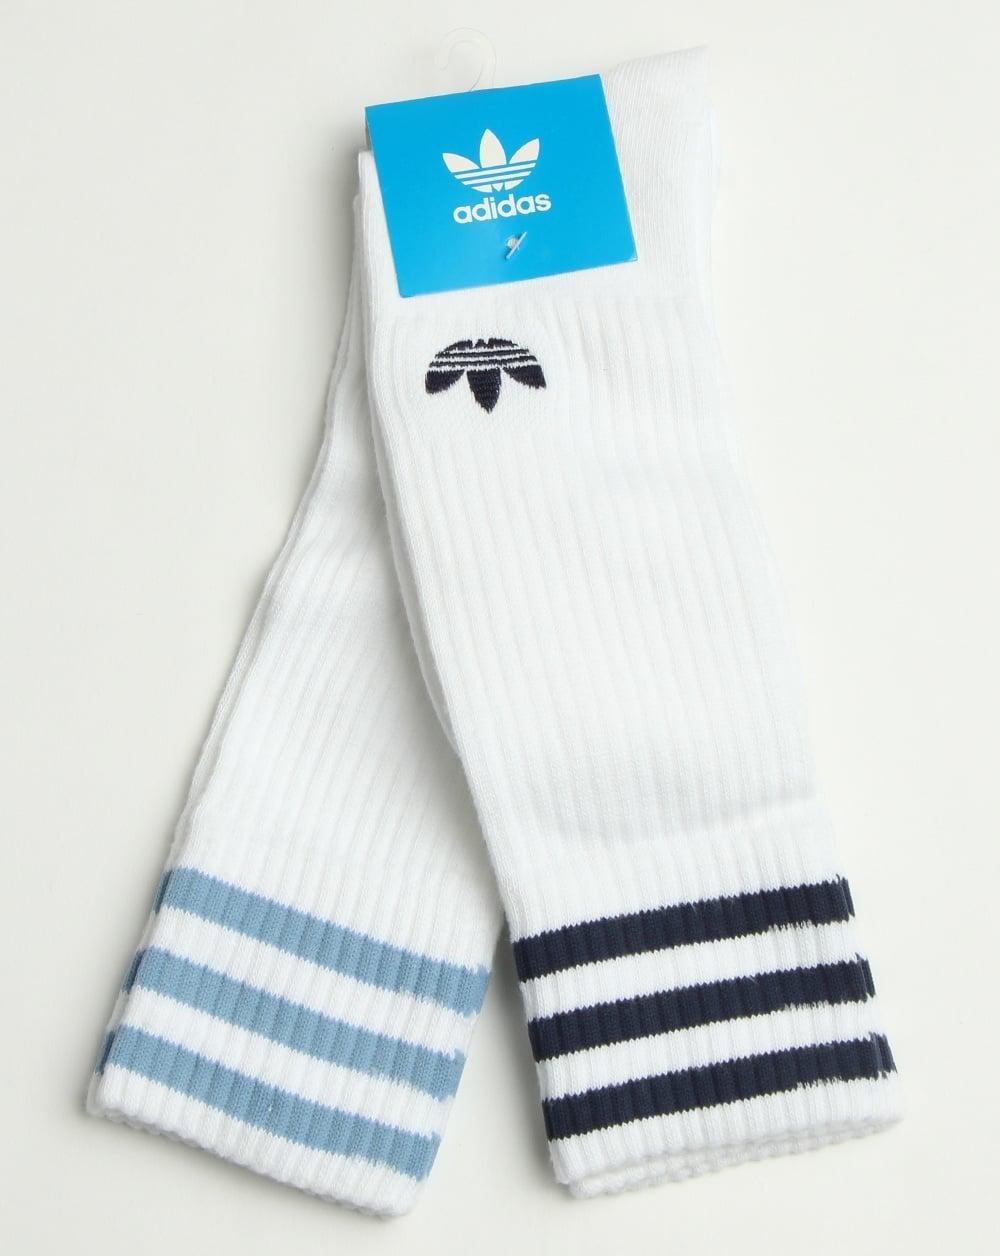 67e790660b89b7 adidas Originals Adidas Originals 2 Pack Crew Socks White blue